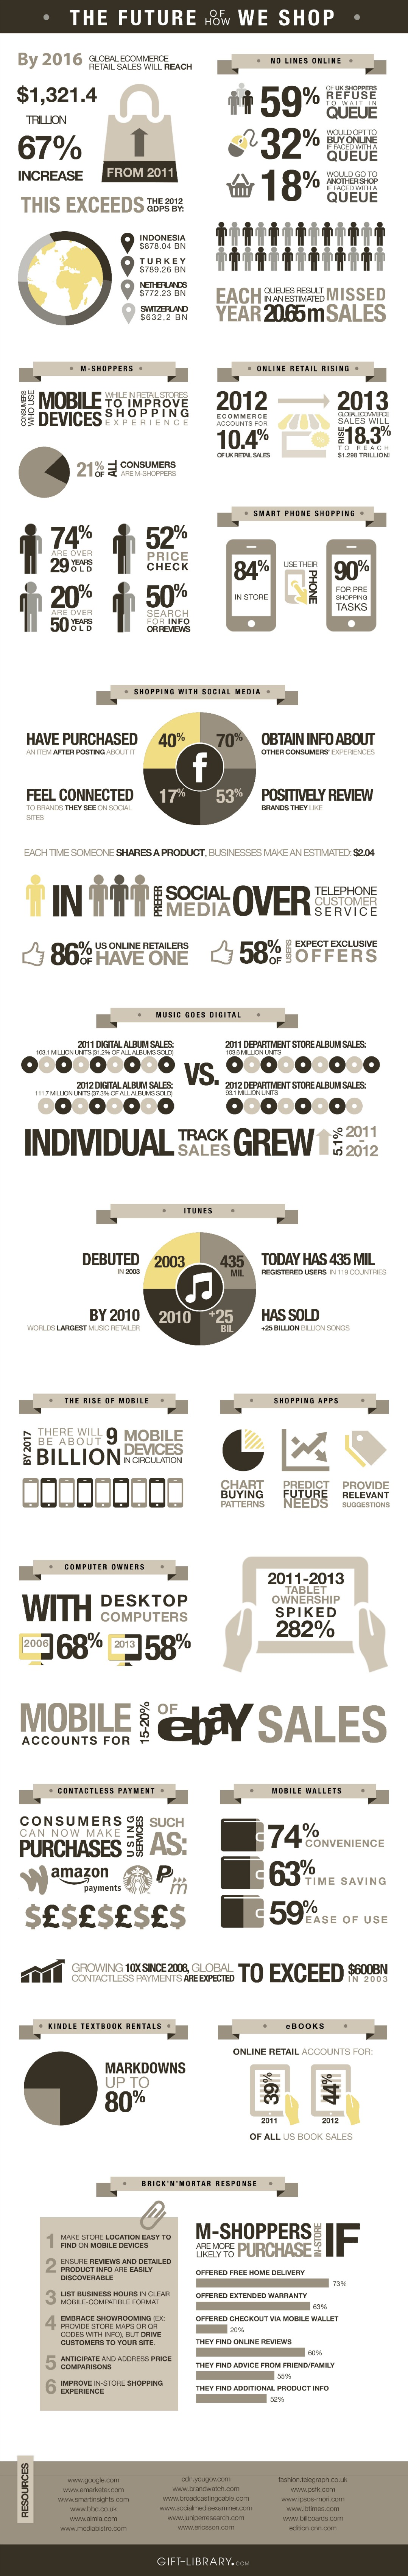 TheFutureofHowWeShop - Infographic